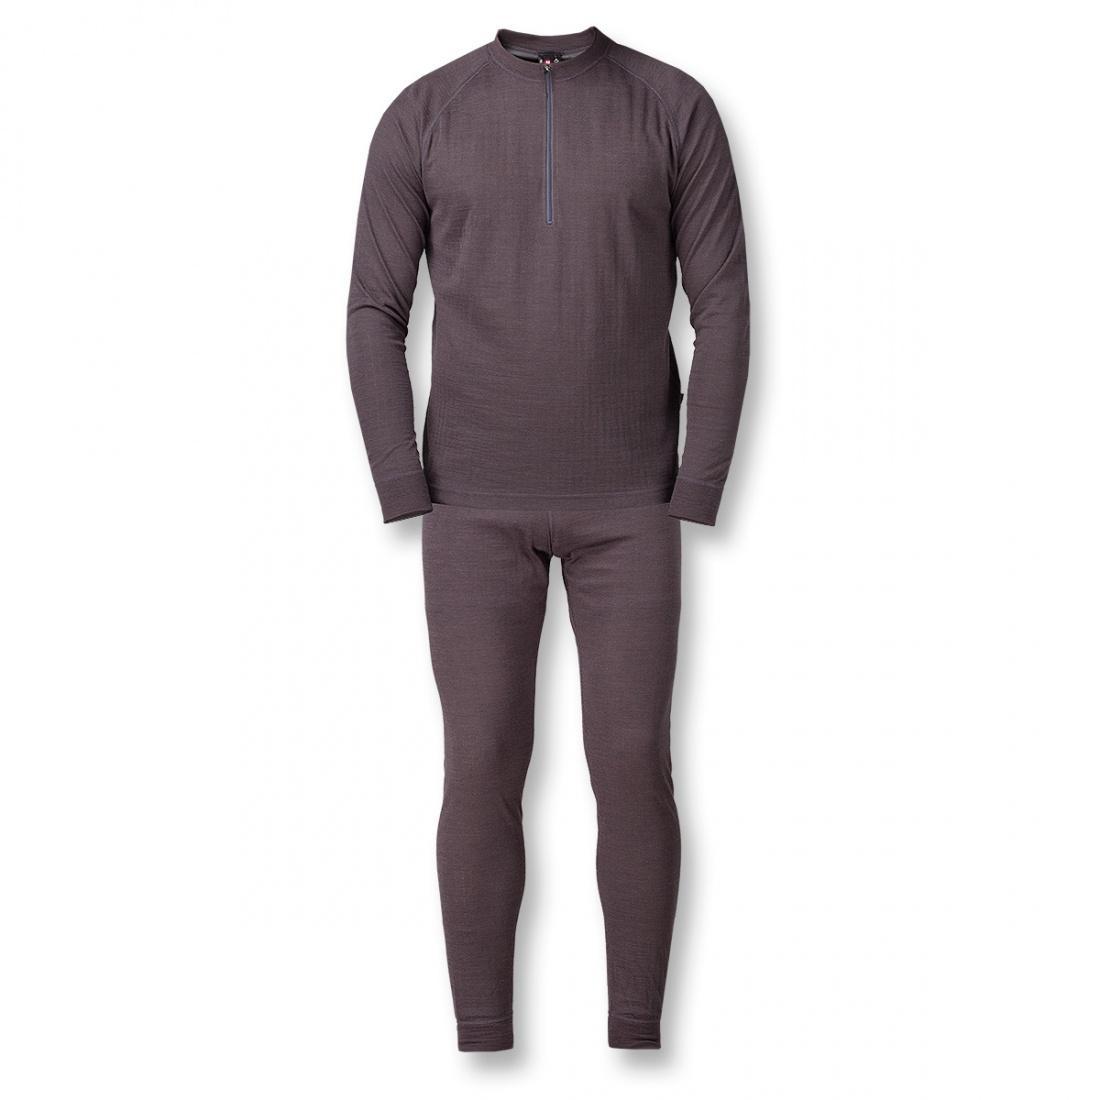 Термобелье костюм Natural Dry ZipКомплекты<br>Теплое белье из смесовой ткани: шерстяные волокна греют, анити акрила и полипропилена добавляют белью эластичности исокращают время исп...<br><br>Цвет: Серый<br>Размер: 58